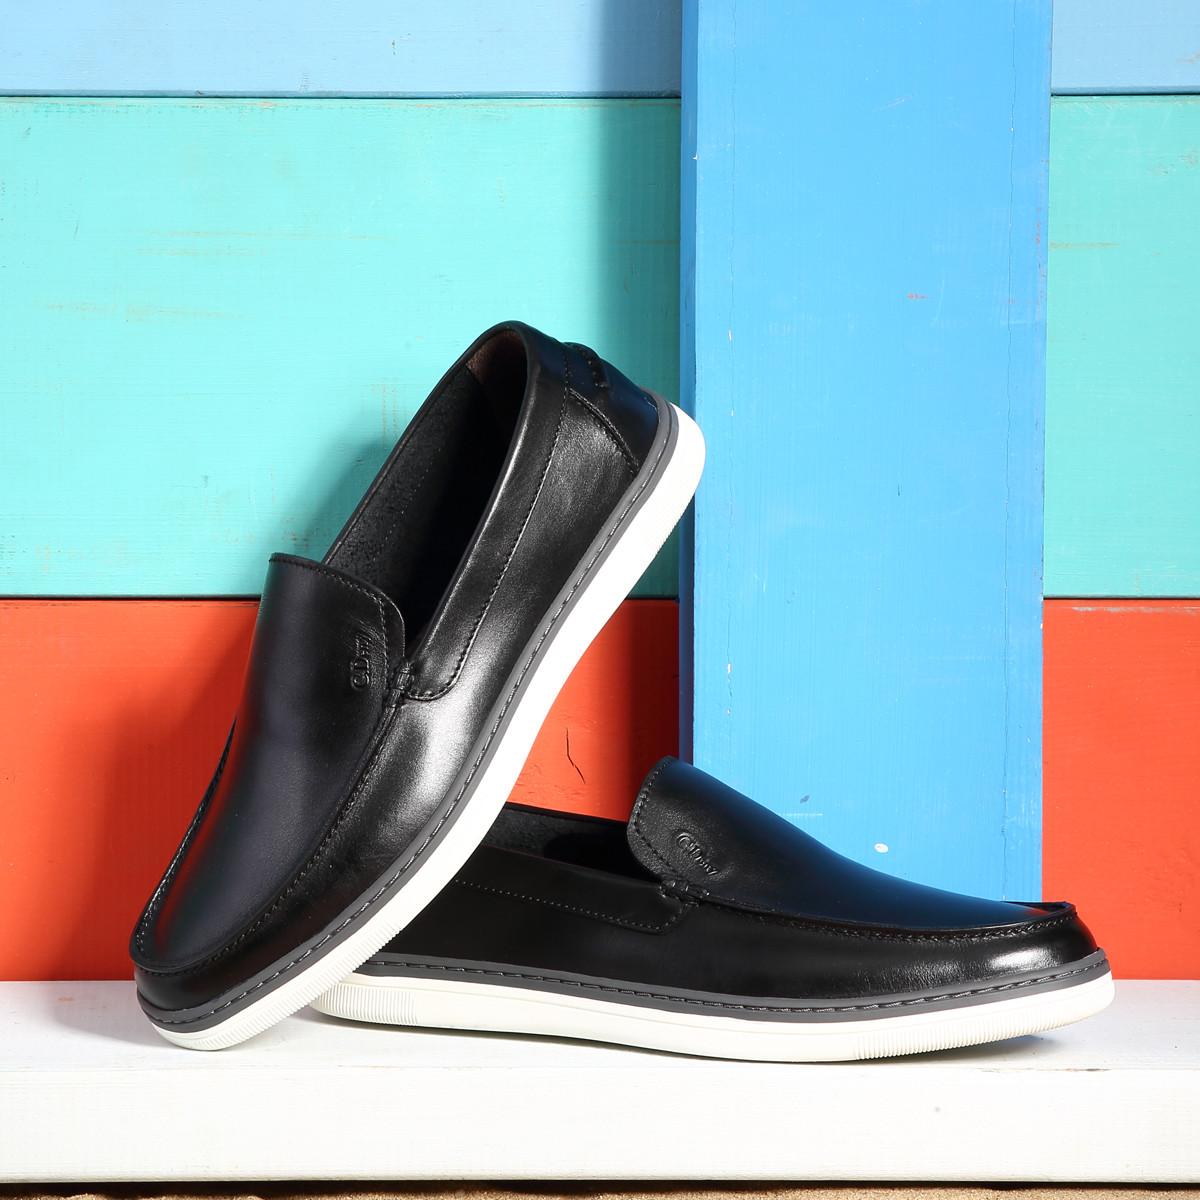 克雷斯丹尼英伦男士休闲鞋懒人鞋潮流百搭一脚蹬男鞋乐福鞋牛皮板鞋RFA3701N1A